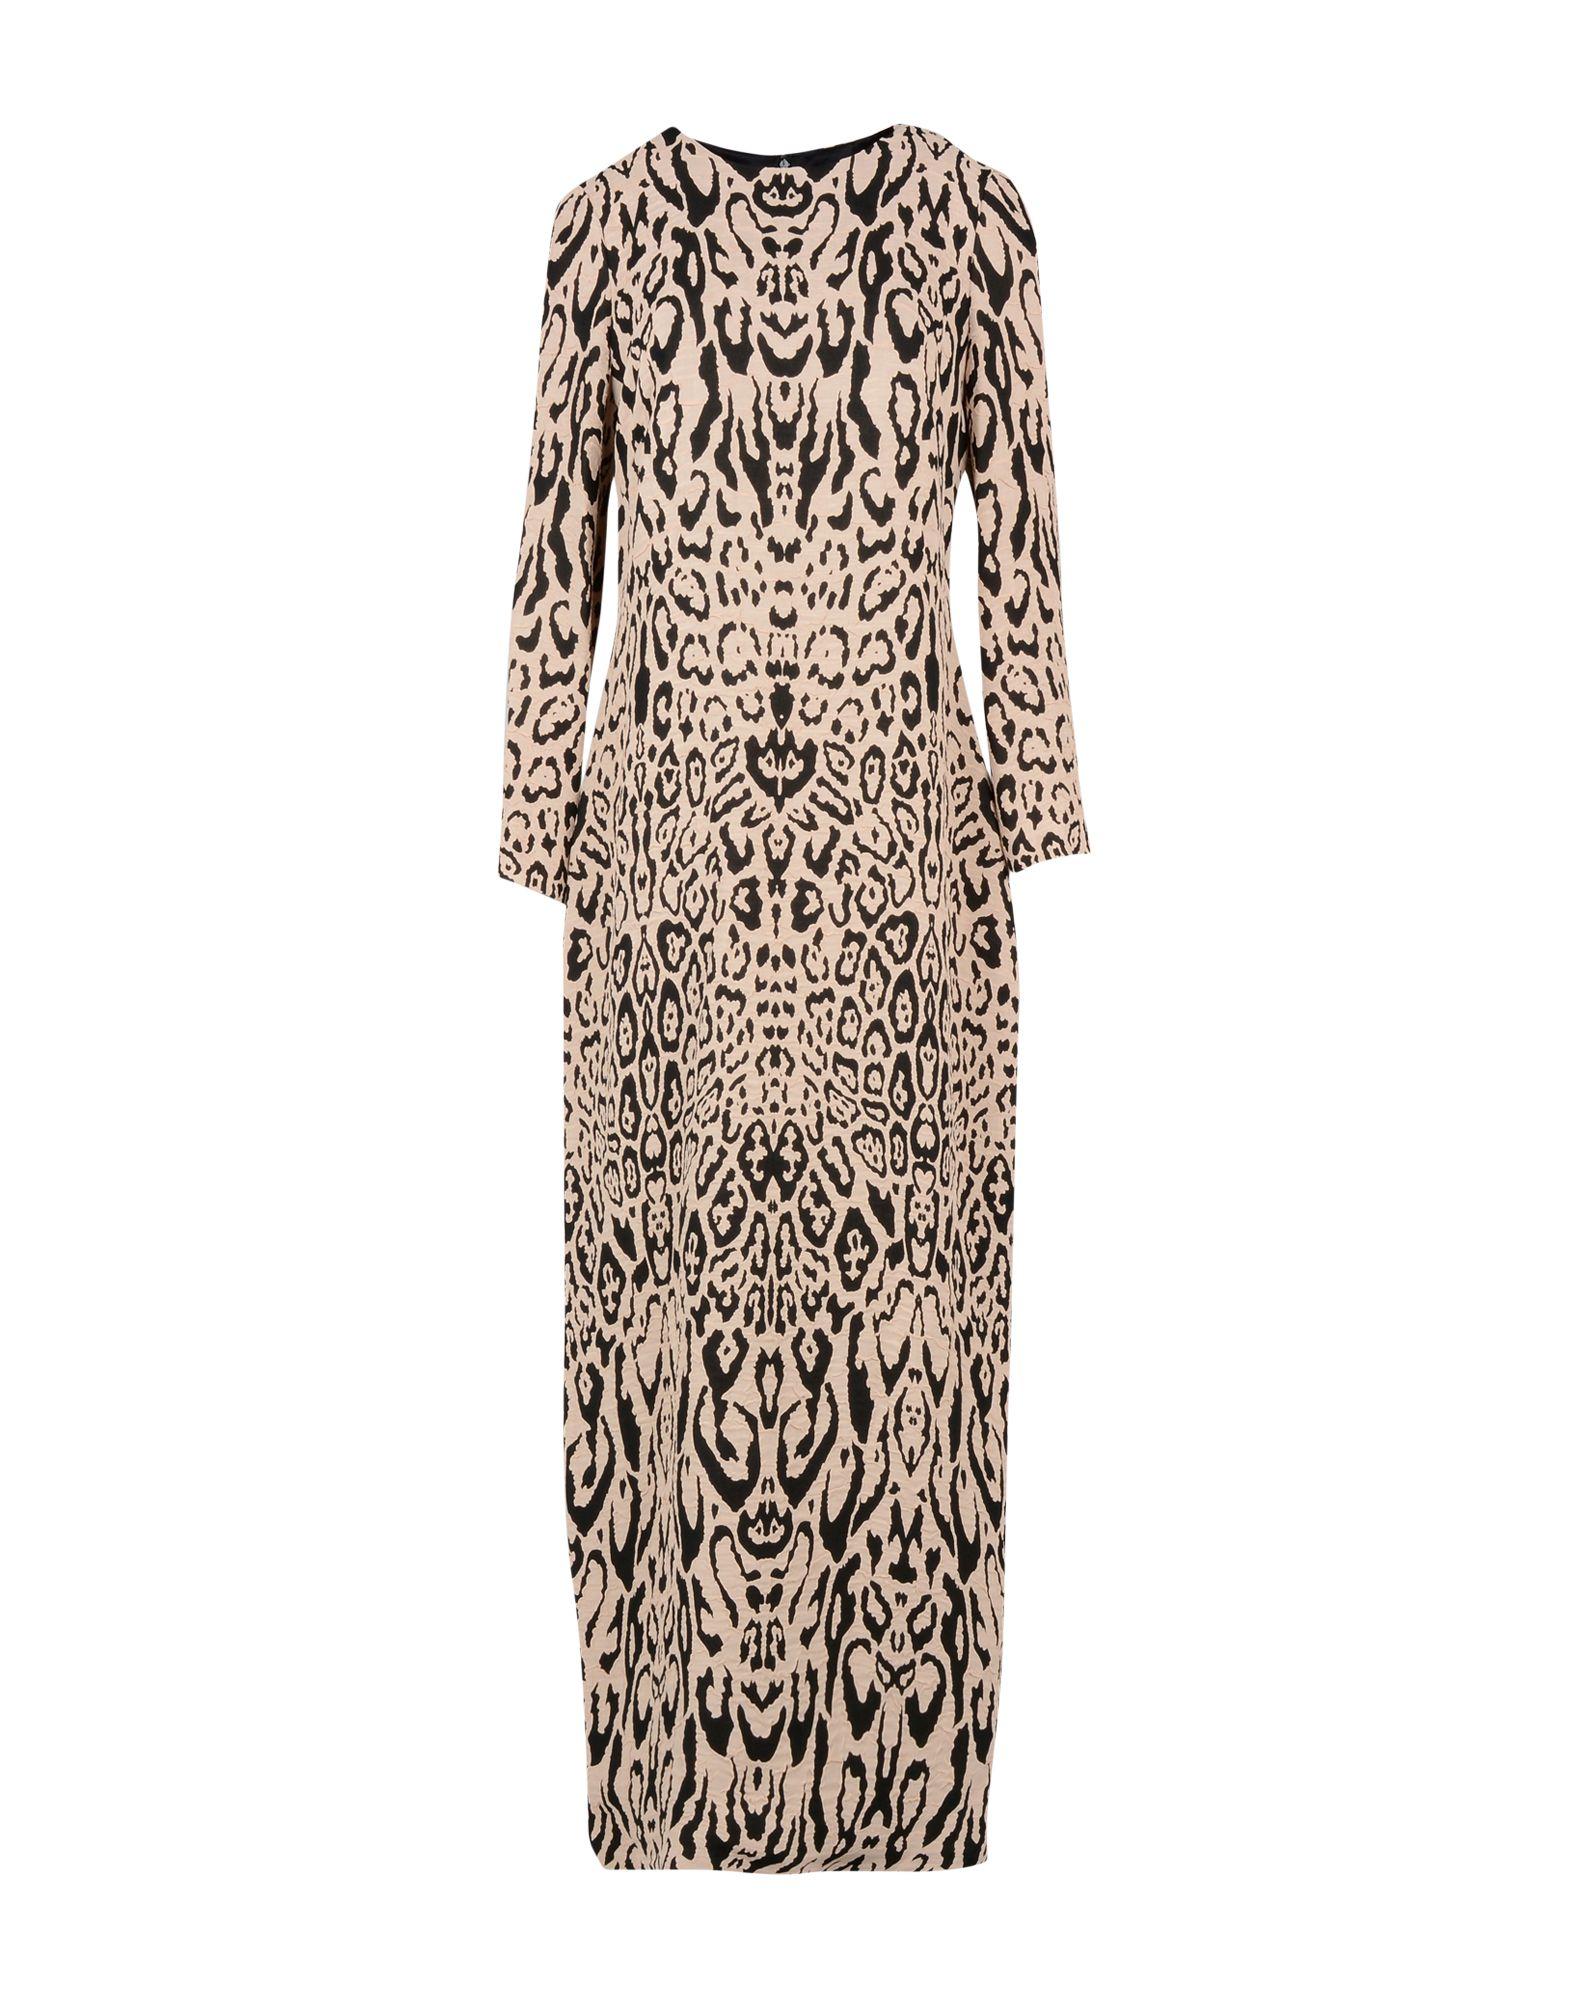 TEMPERLEY LONDON Длинное платье платье alice by temperley платья и сарафаны макси длинные